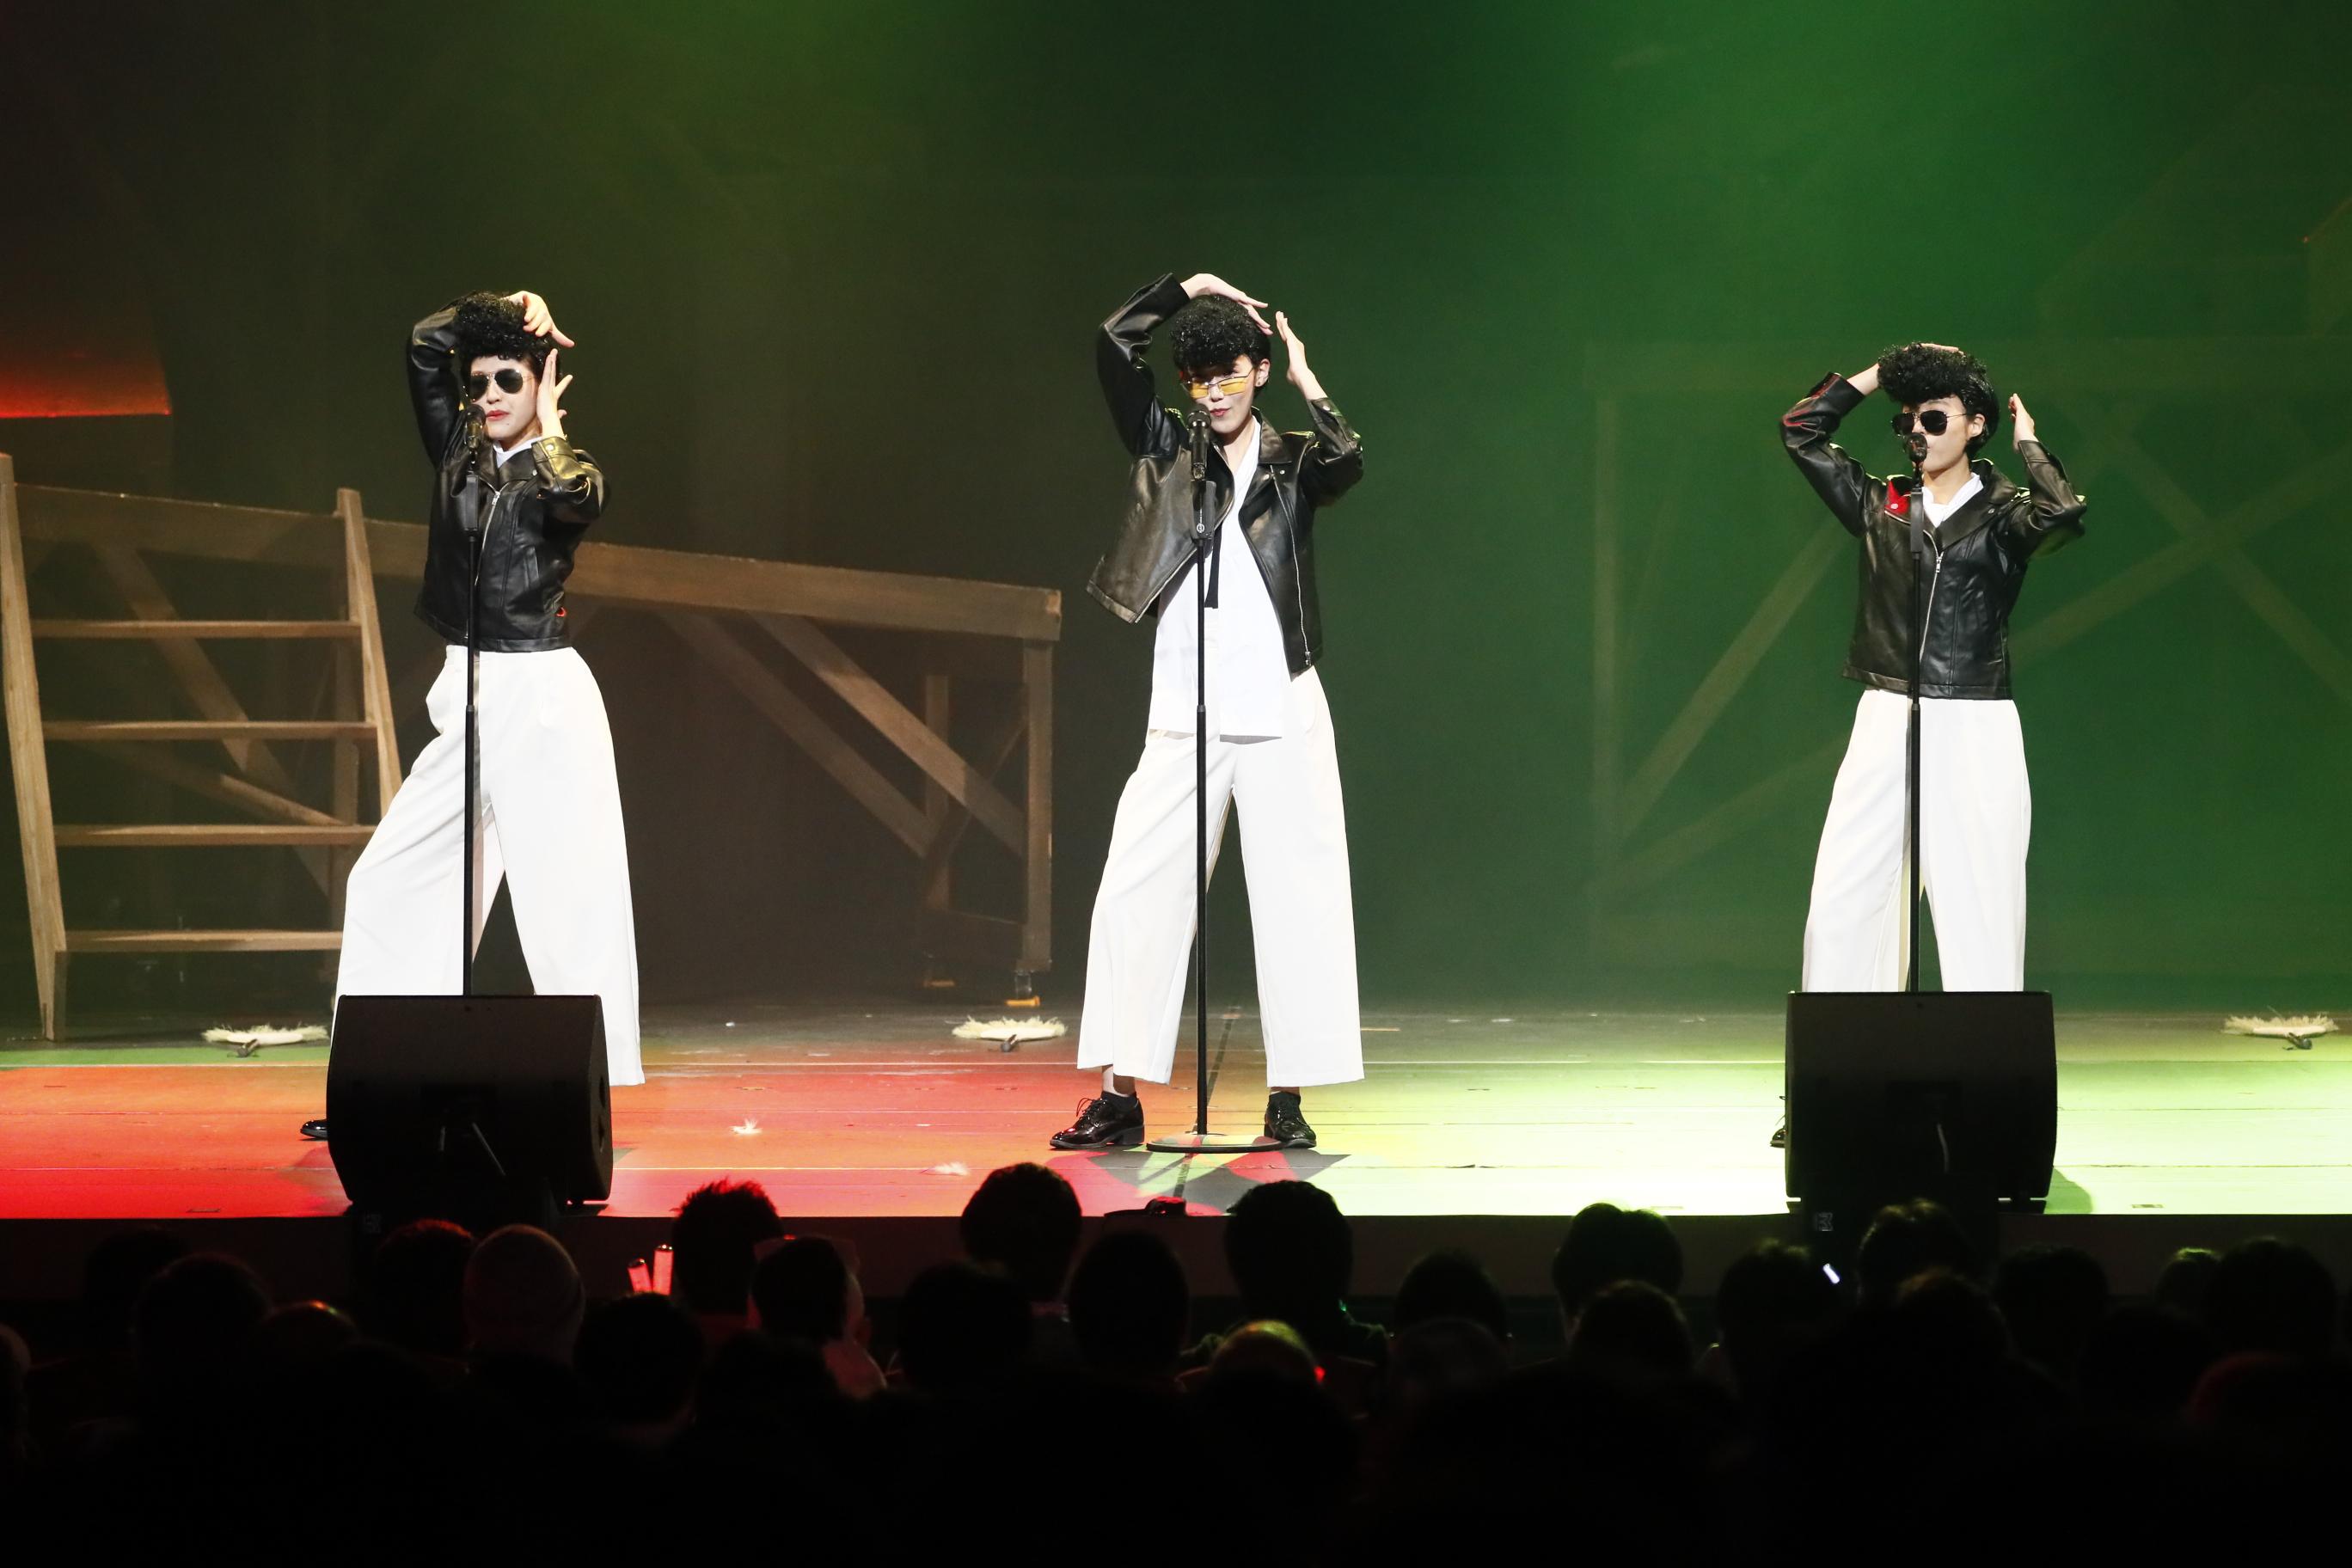 ツッパリ High School Rock'n Roll(登校編)/横浜銀蝿 春組 今田・田中菜・深川